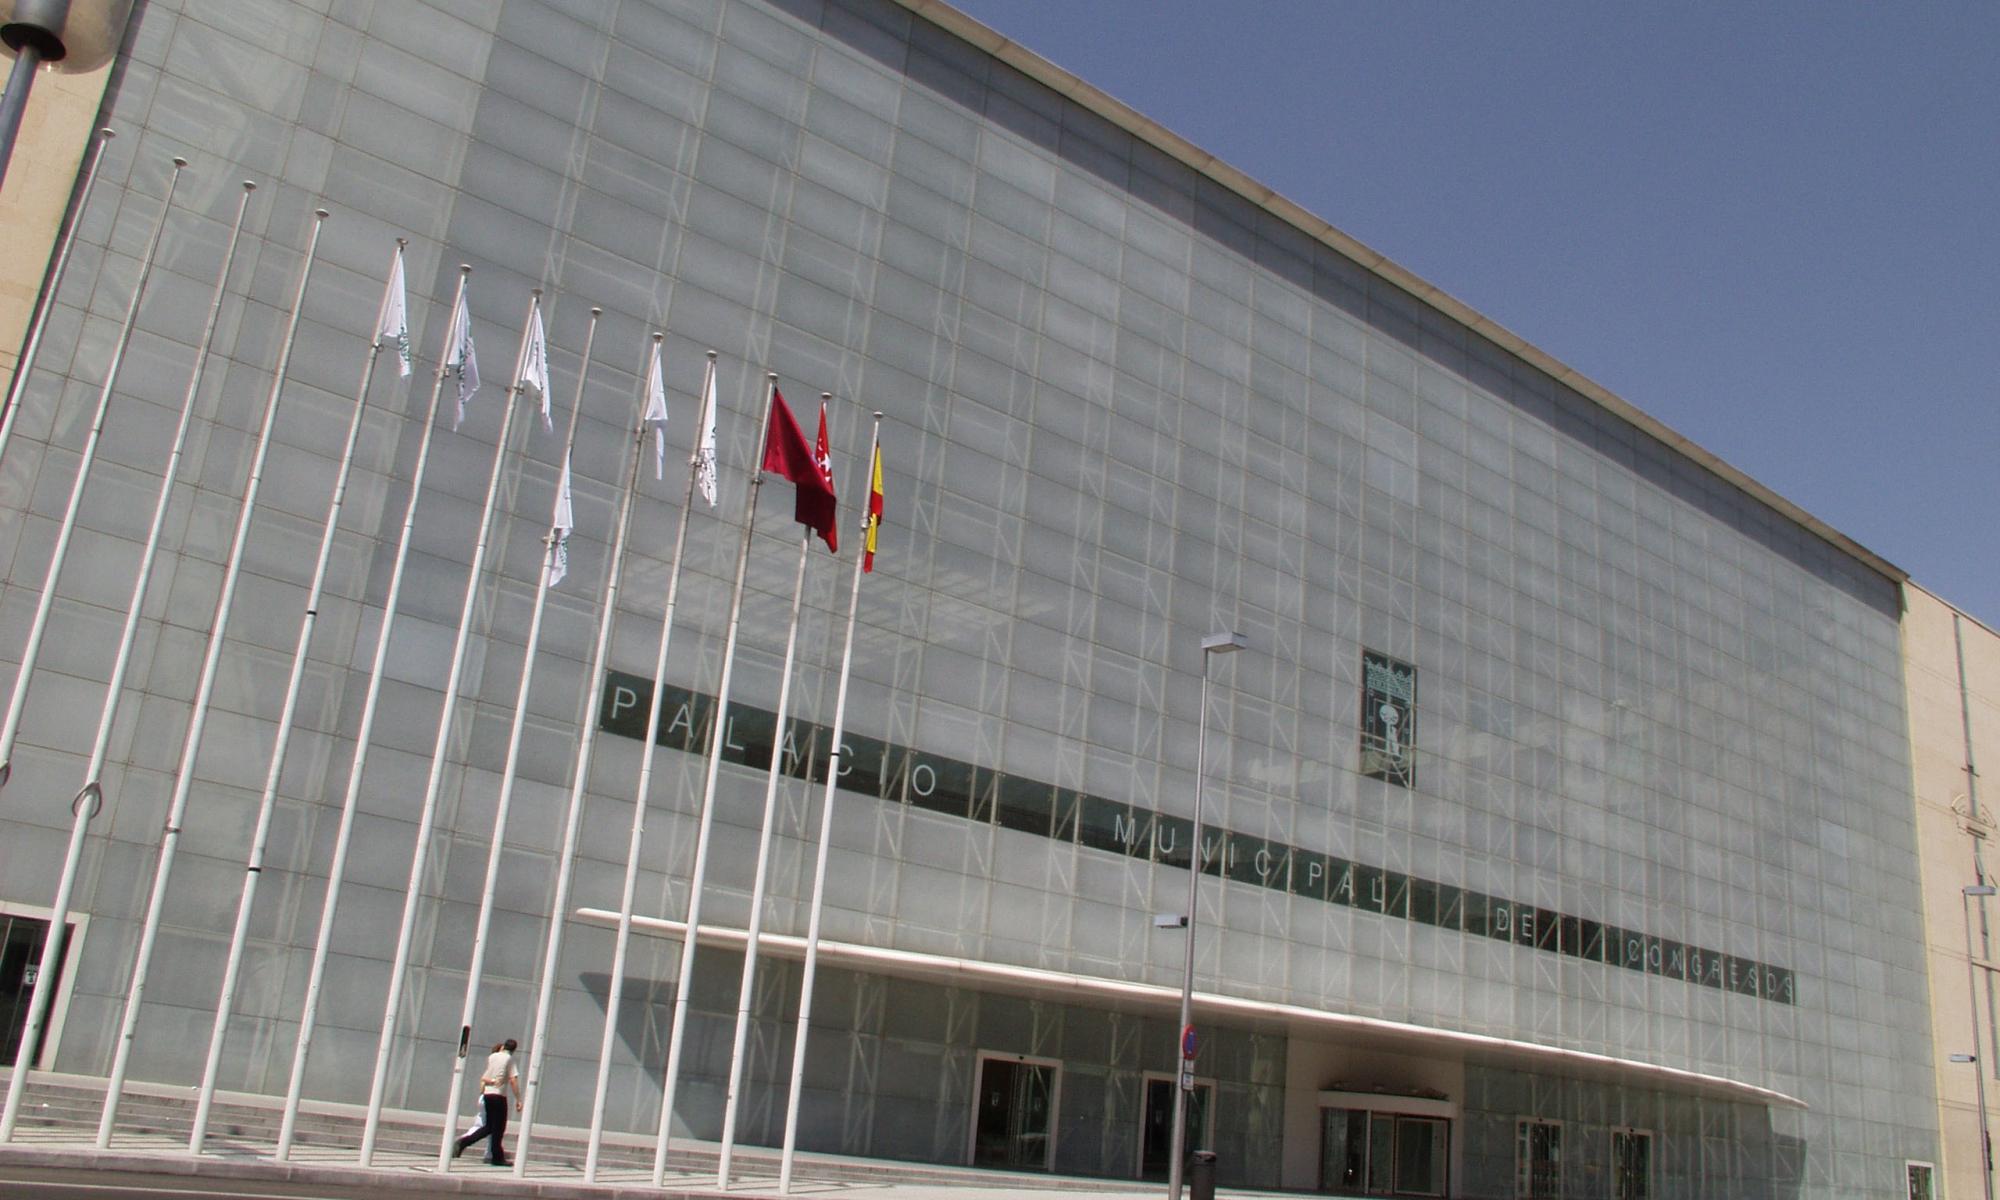 sede del Palacio Municipal de Congresos e Madrid